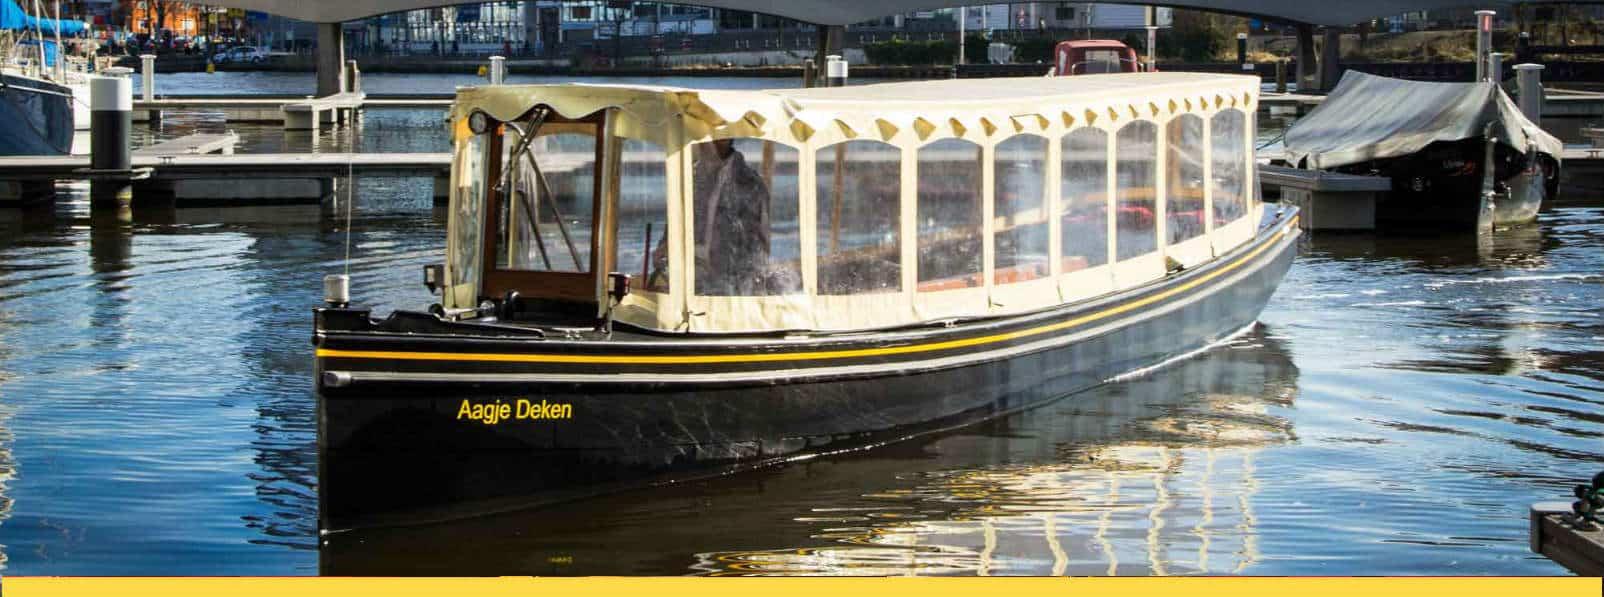 Aagje Deken salonboot Amsterdam